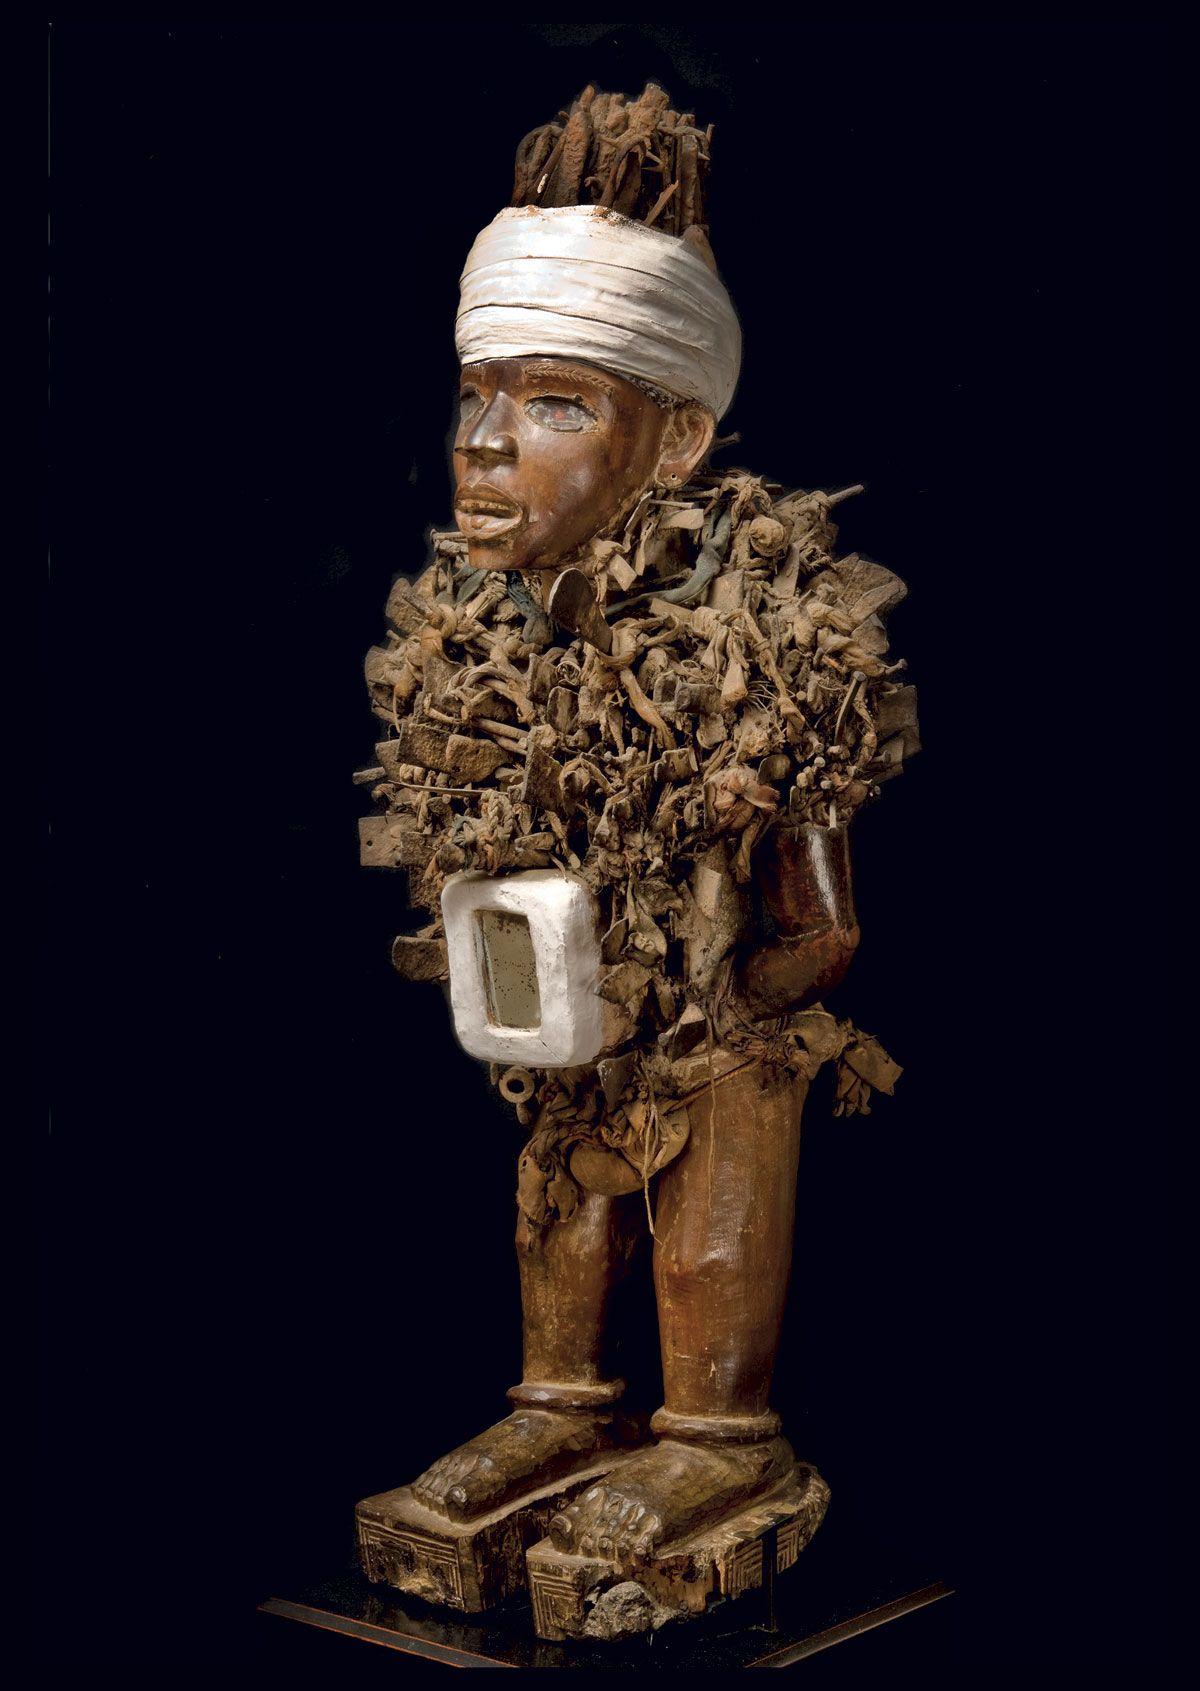 Galerie didier claes arts premiers d afrique noire